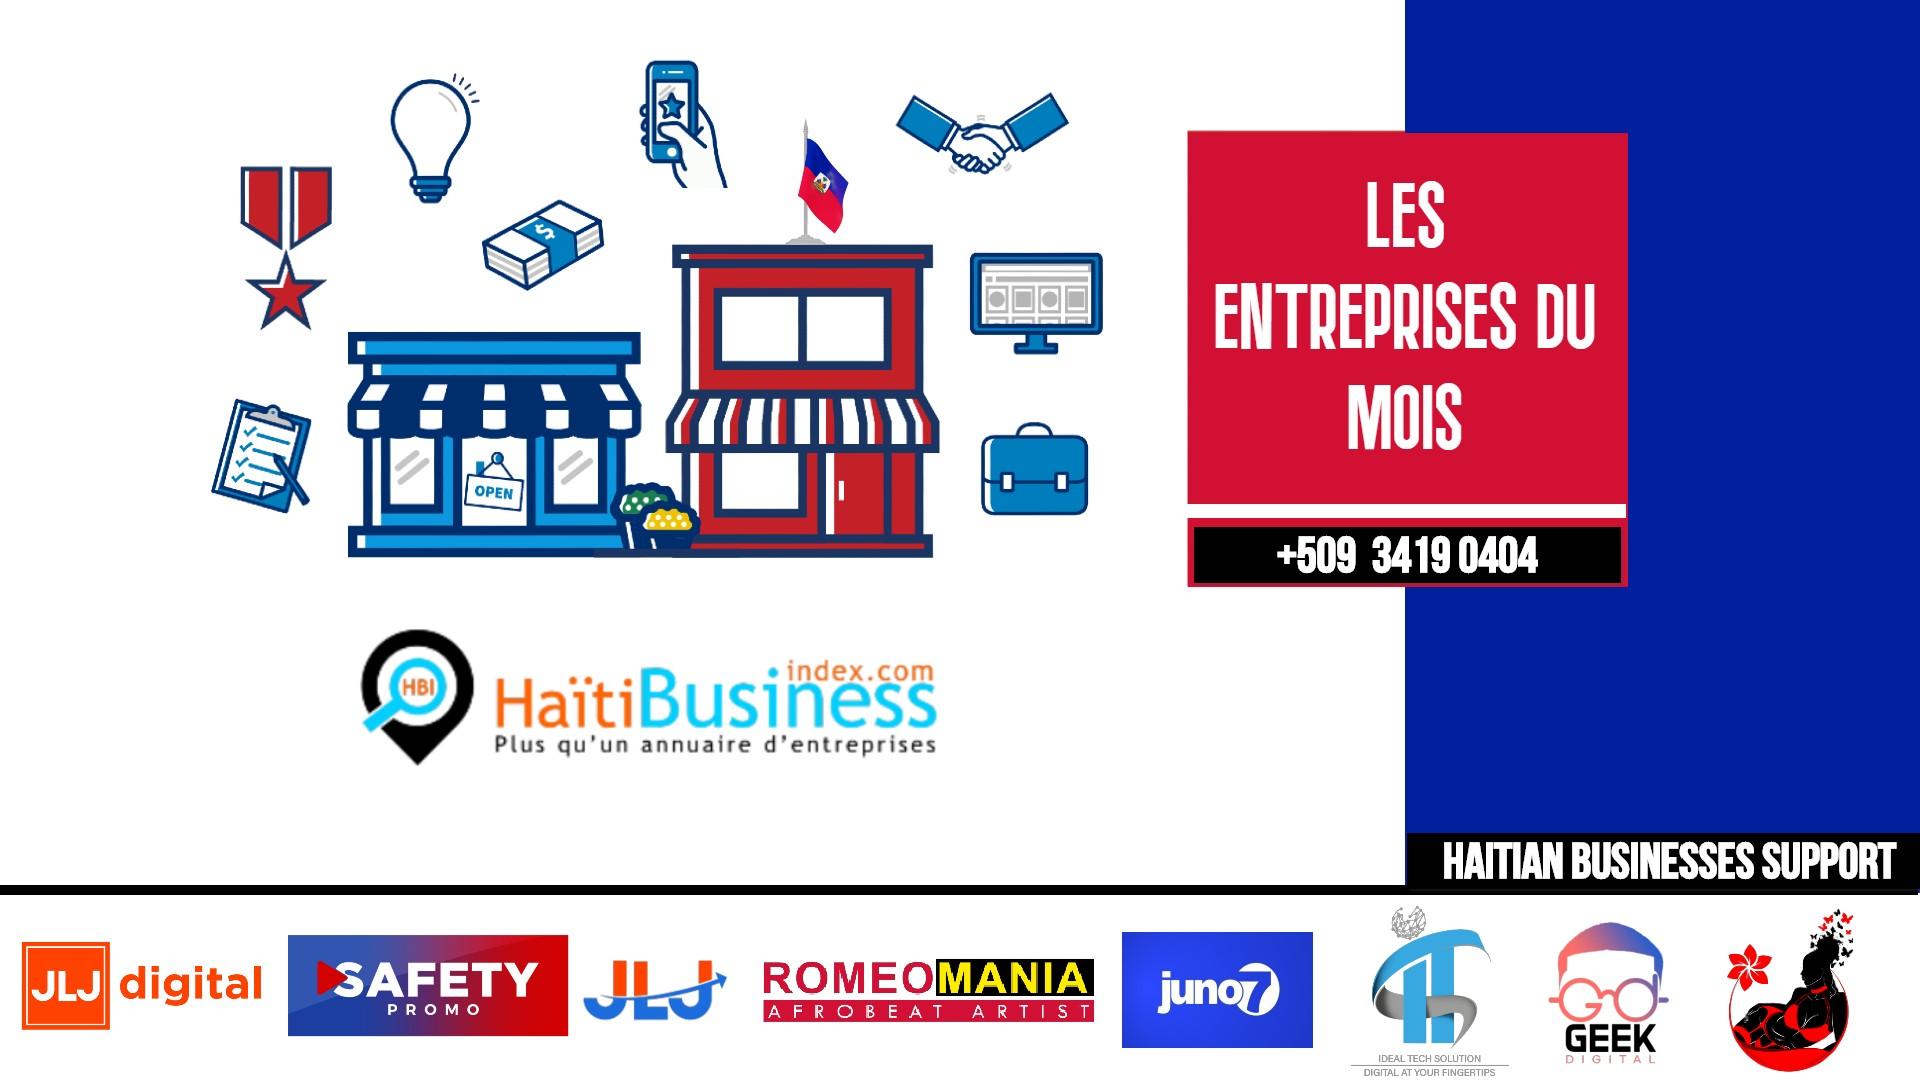 Les Entreprises du Mois - Haïti Business Index (HBIS)